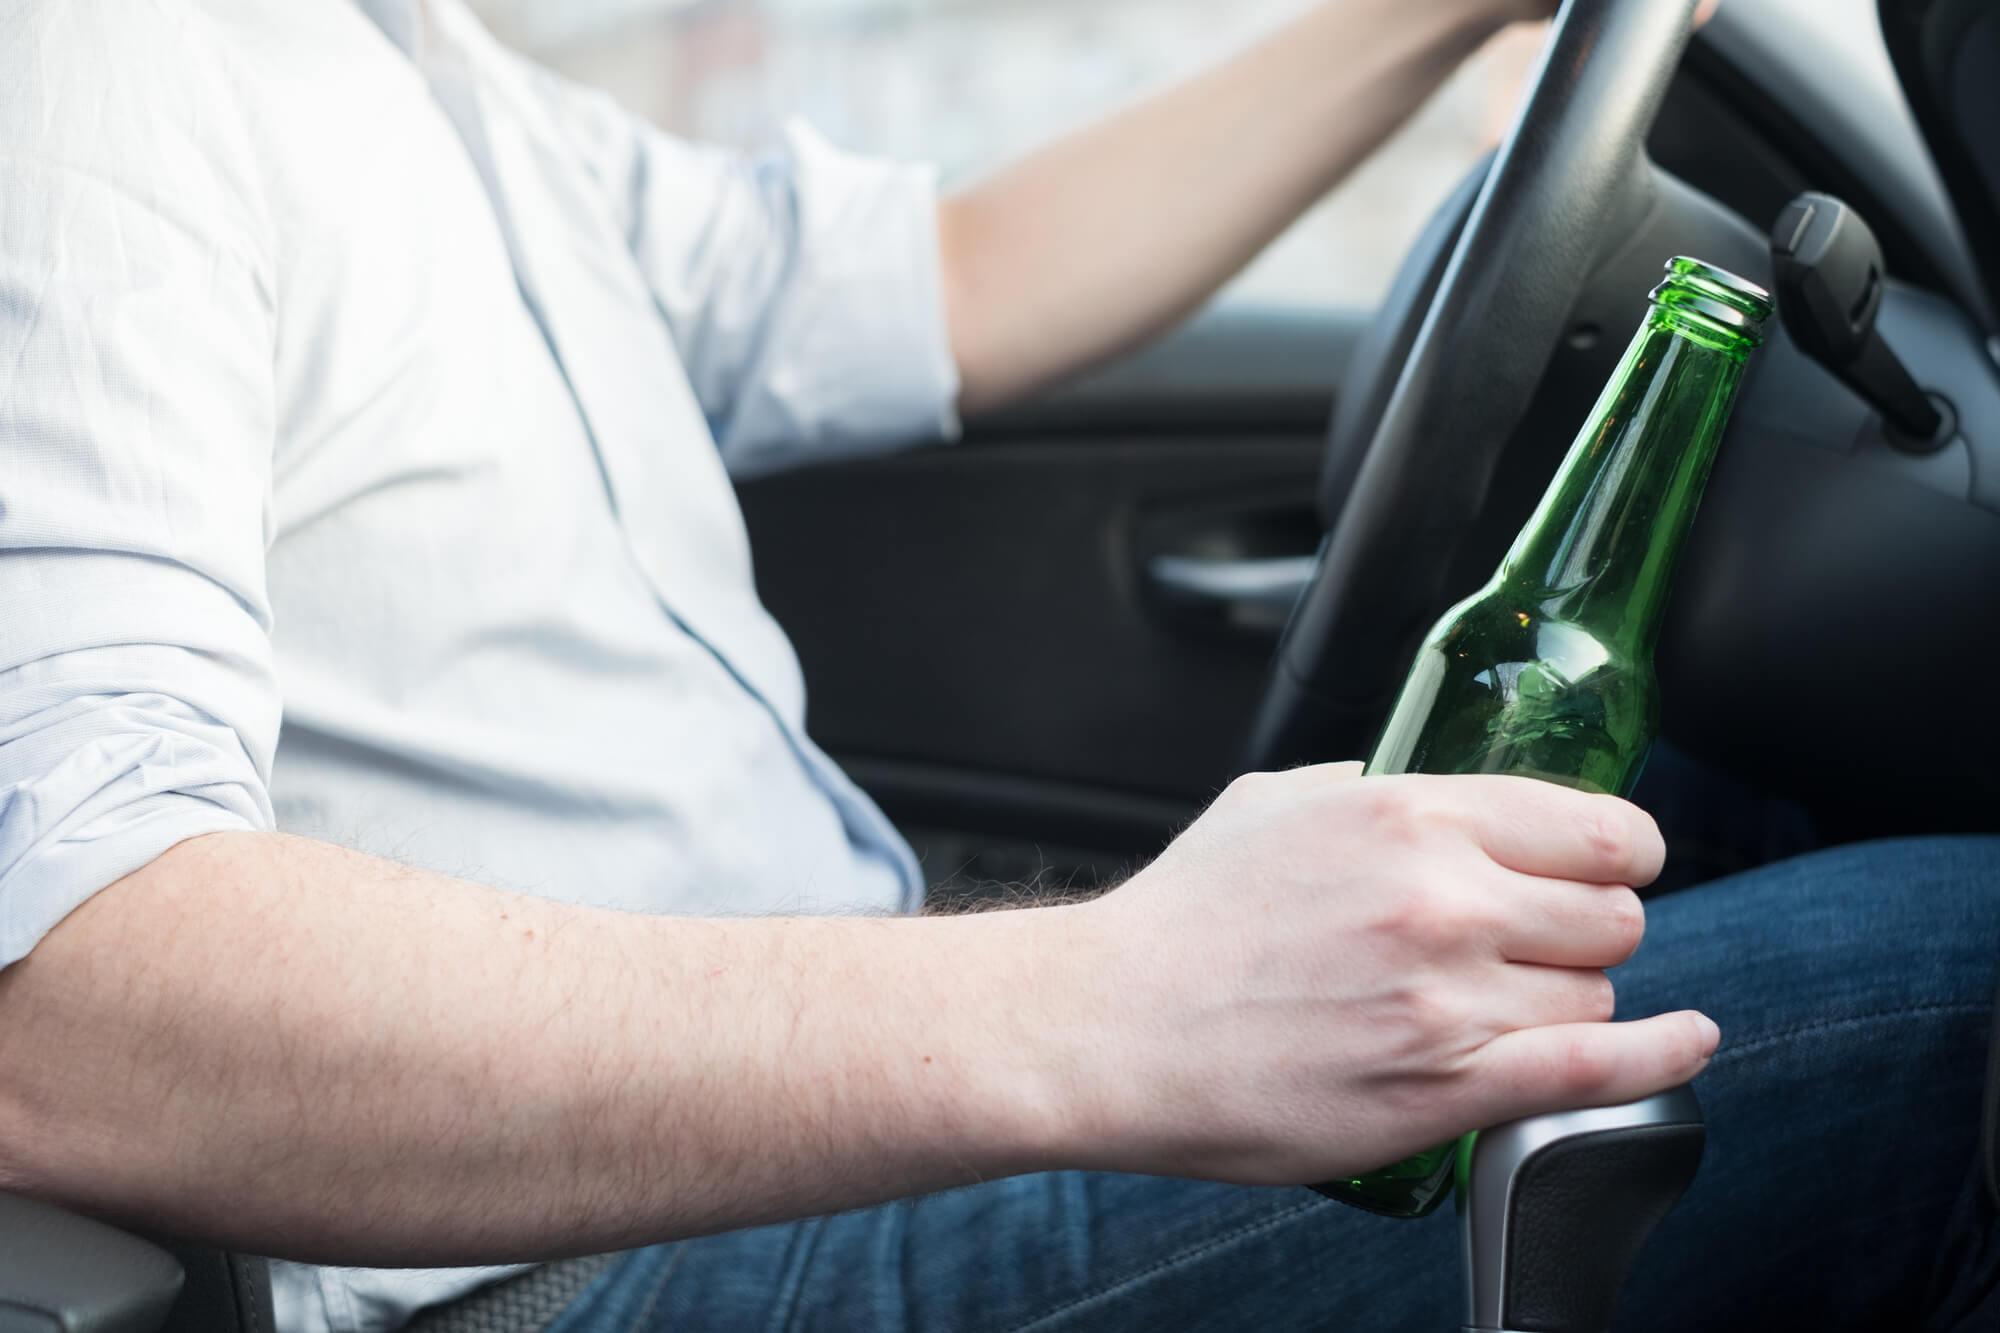 уносят лишение прав за алкогольное опьянение 2017 Лис